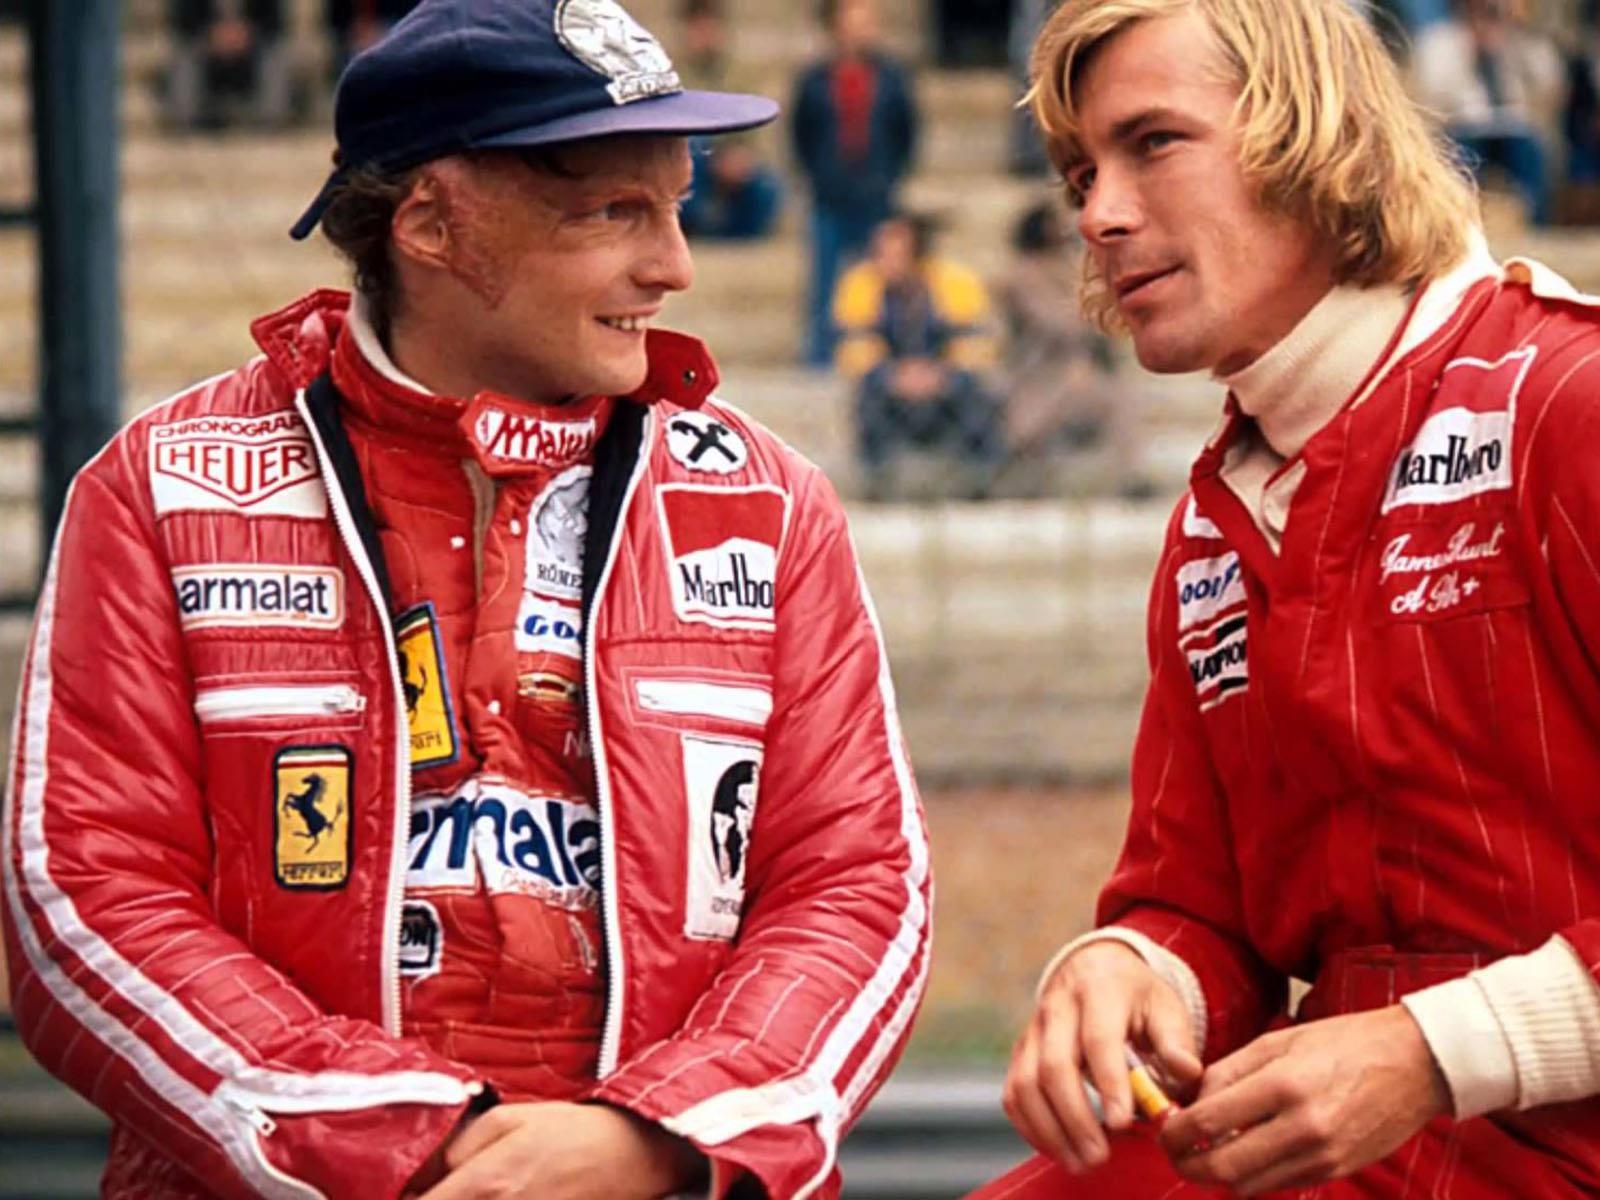 1976 es la temporada de Lauda contra Hunt en la Fórmula 1